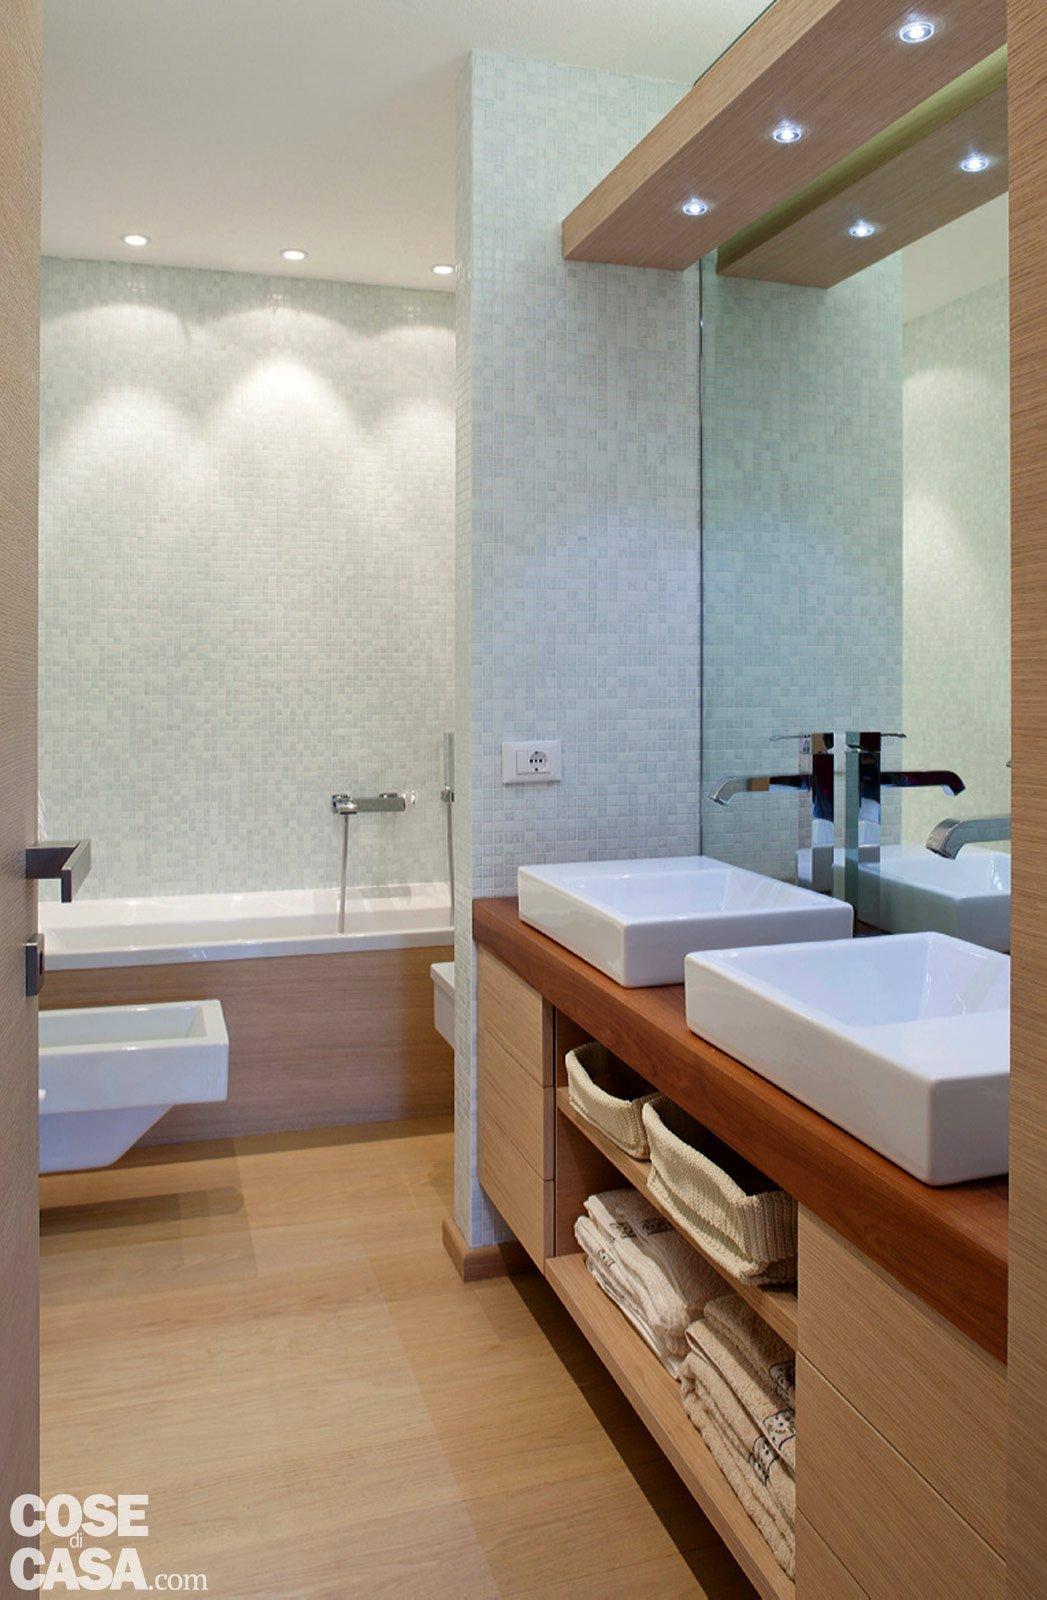 Finest come rifare il bagno simple quanto costa rifare un bagno with with come rifare un bagno - Rifare il bagno idee ...